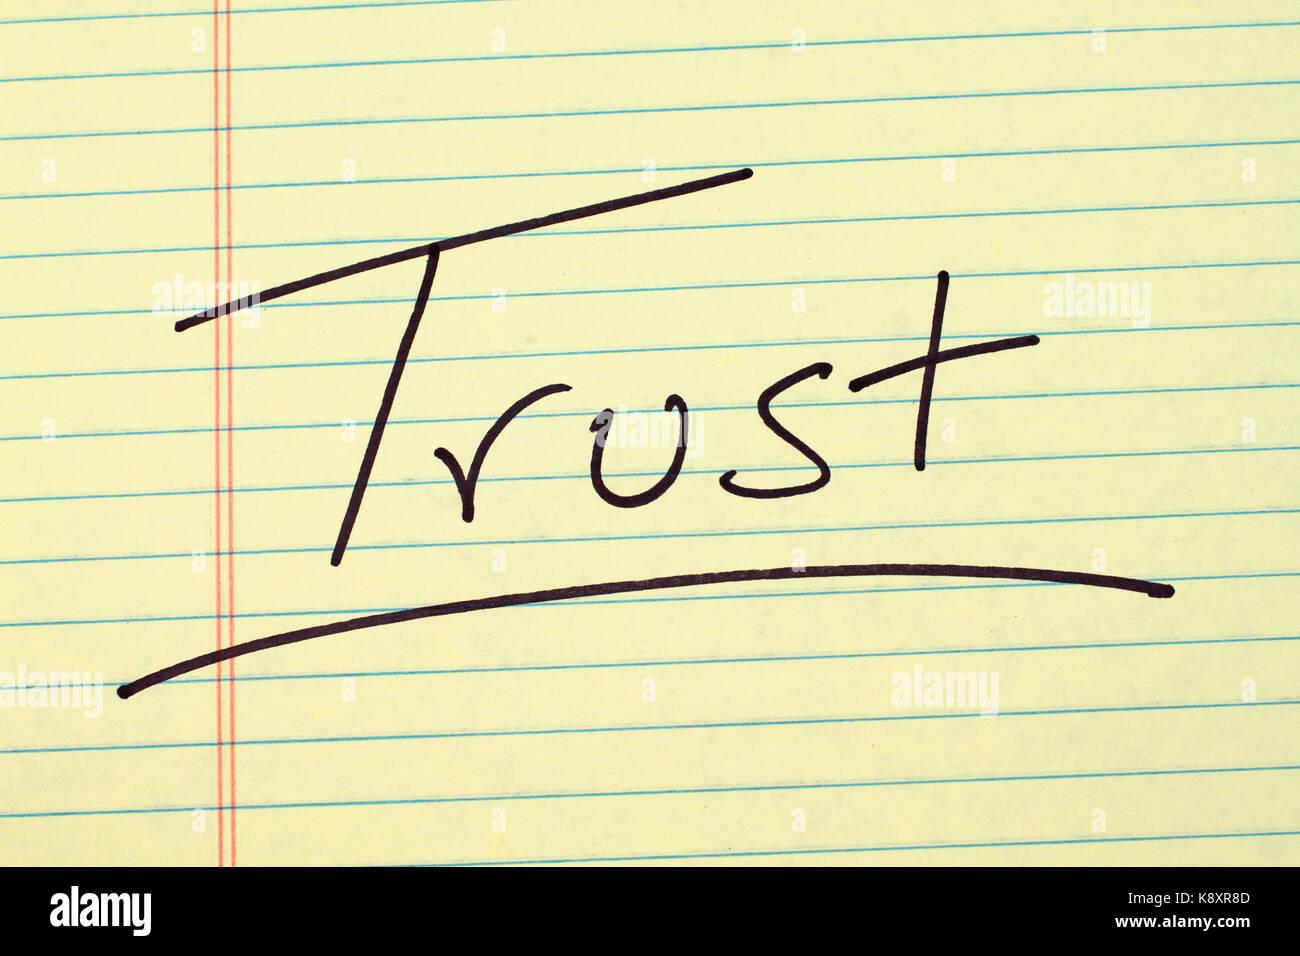 Le mot 'trust' a souligné sur un tampon juridique jaune Photo Stock